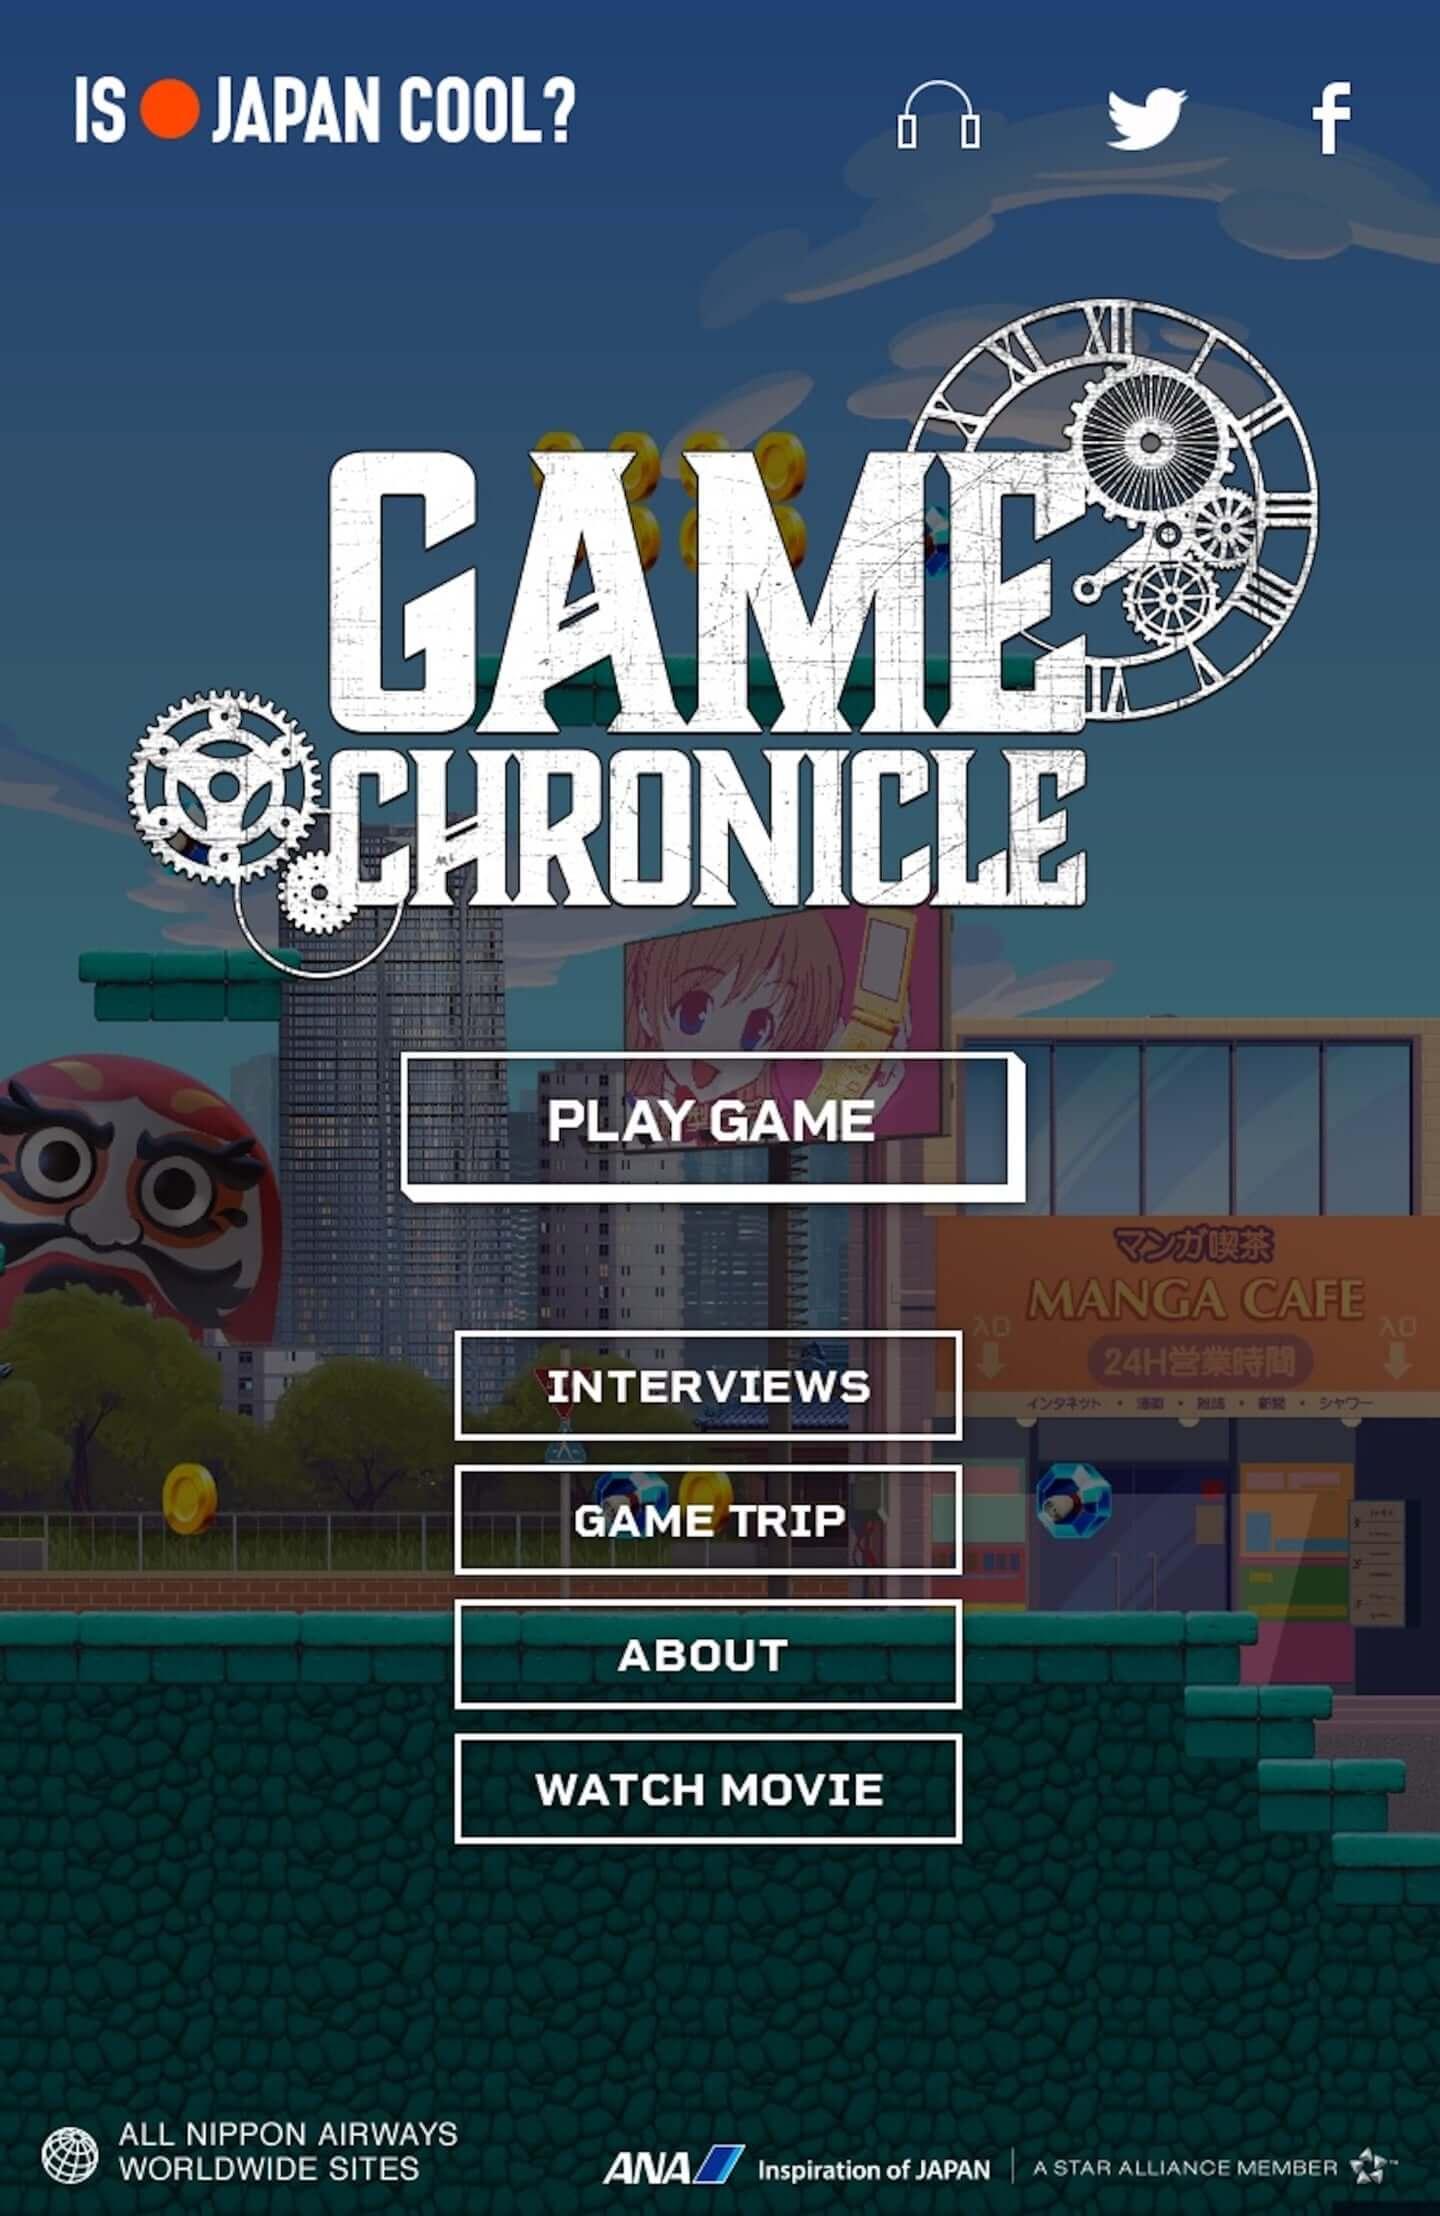 ゲームを世界に発信するWEBサイト『GAME CHRONICLE』が公開 ゲーム開発者へのスペシャルインタビューも artculture191105_gamechronicle_03-1440x2216